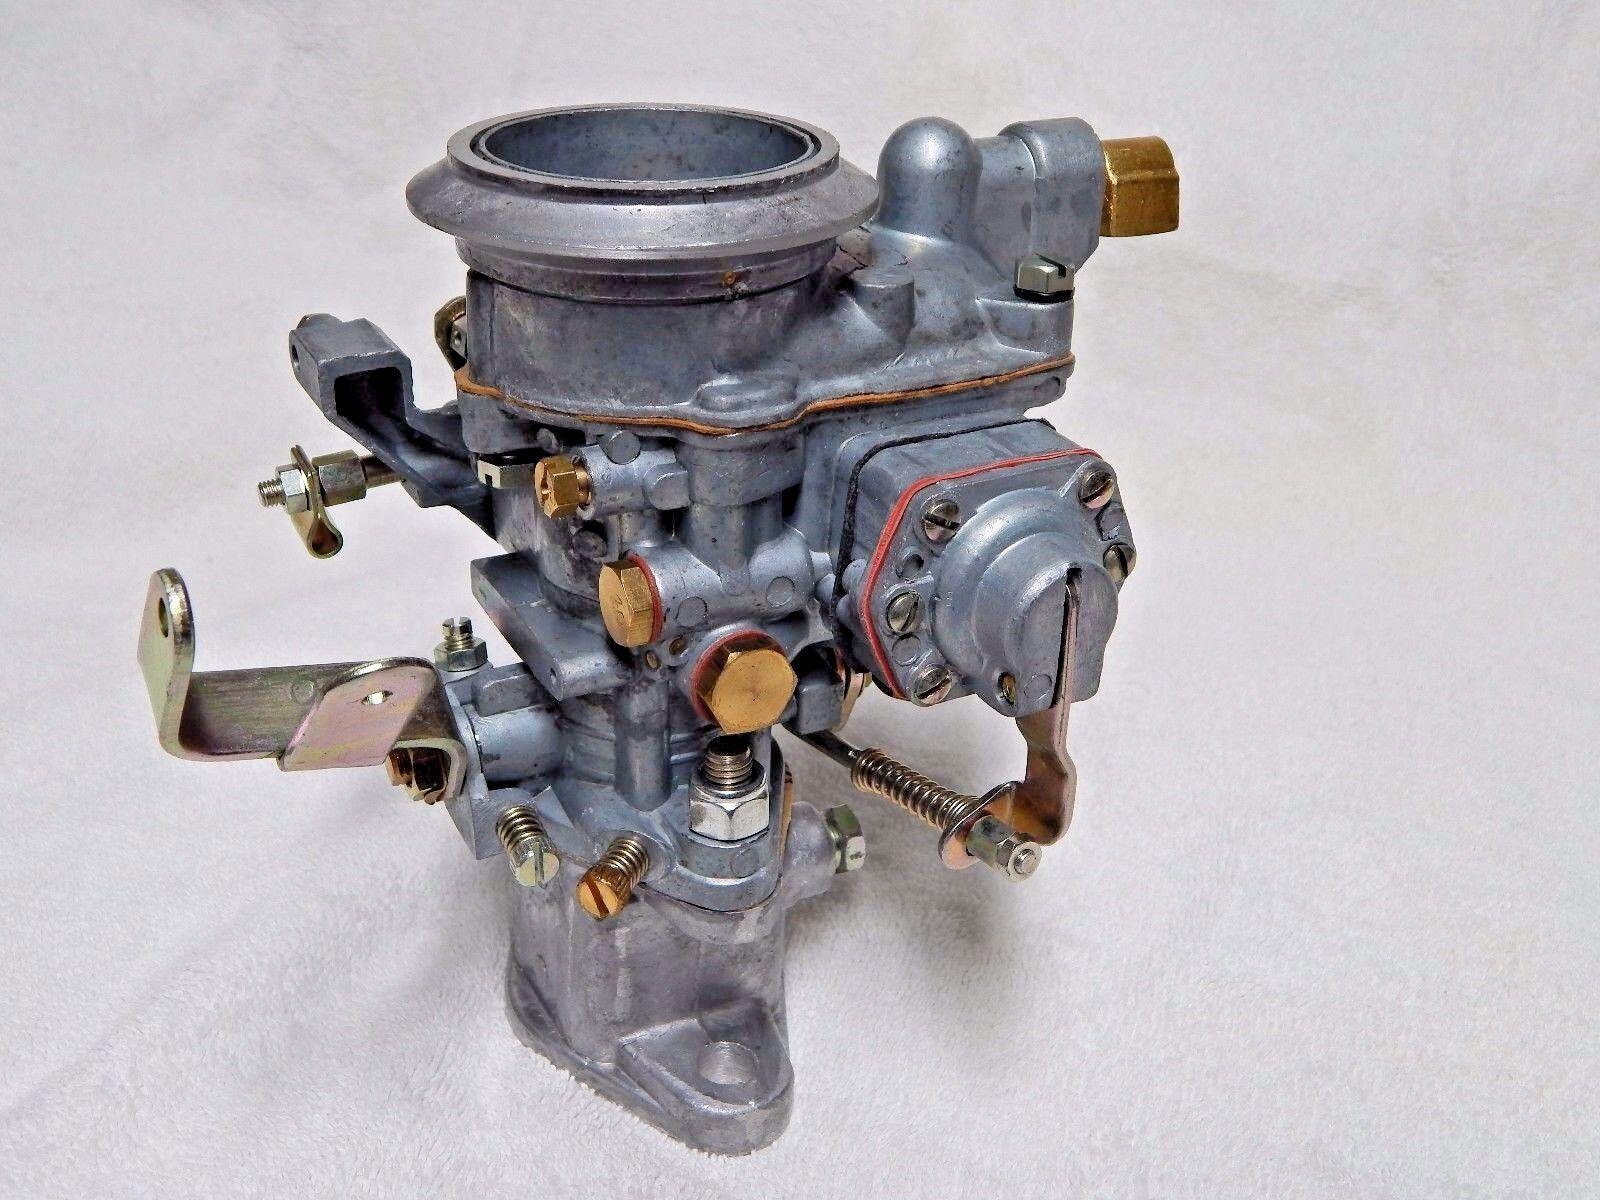 Jeep F Head Solex Carburetor. Willys Cj3b, M38a1, Cj5, F1...